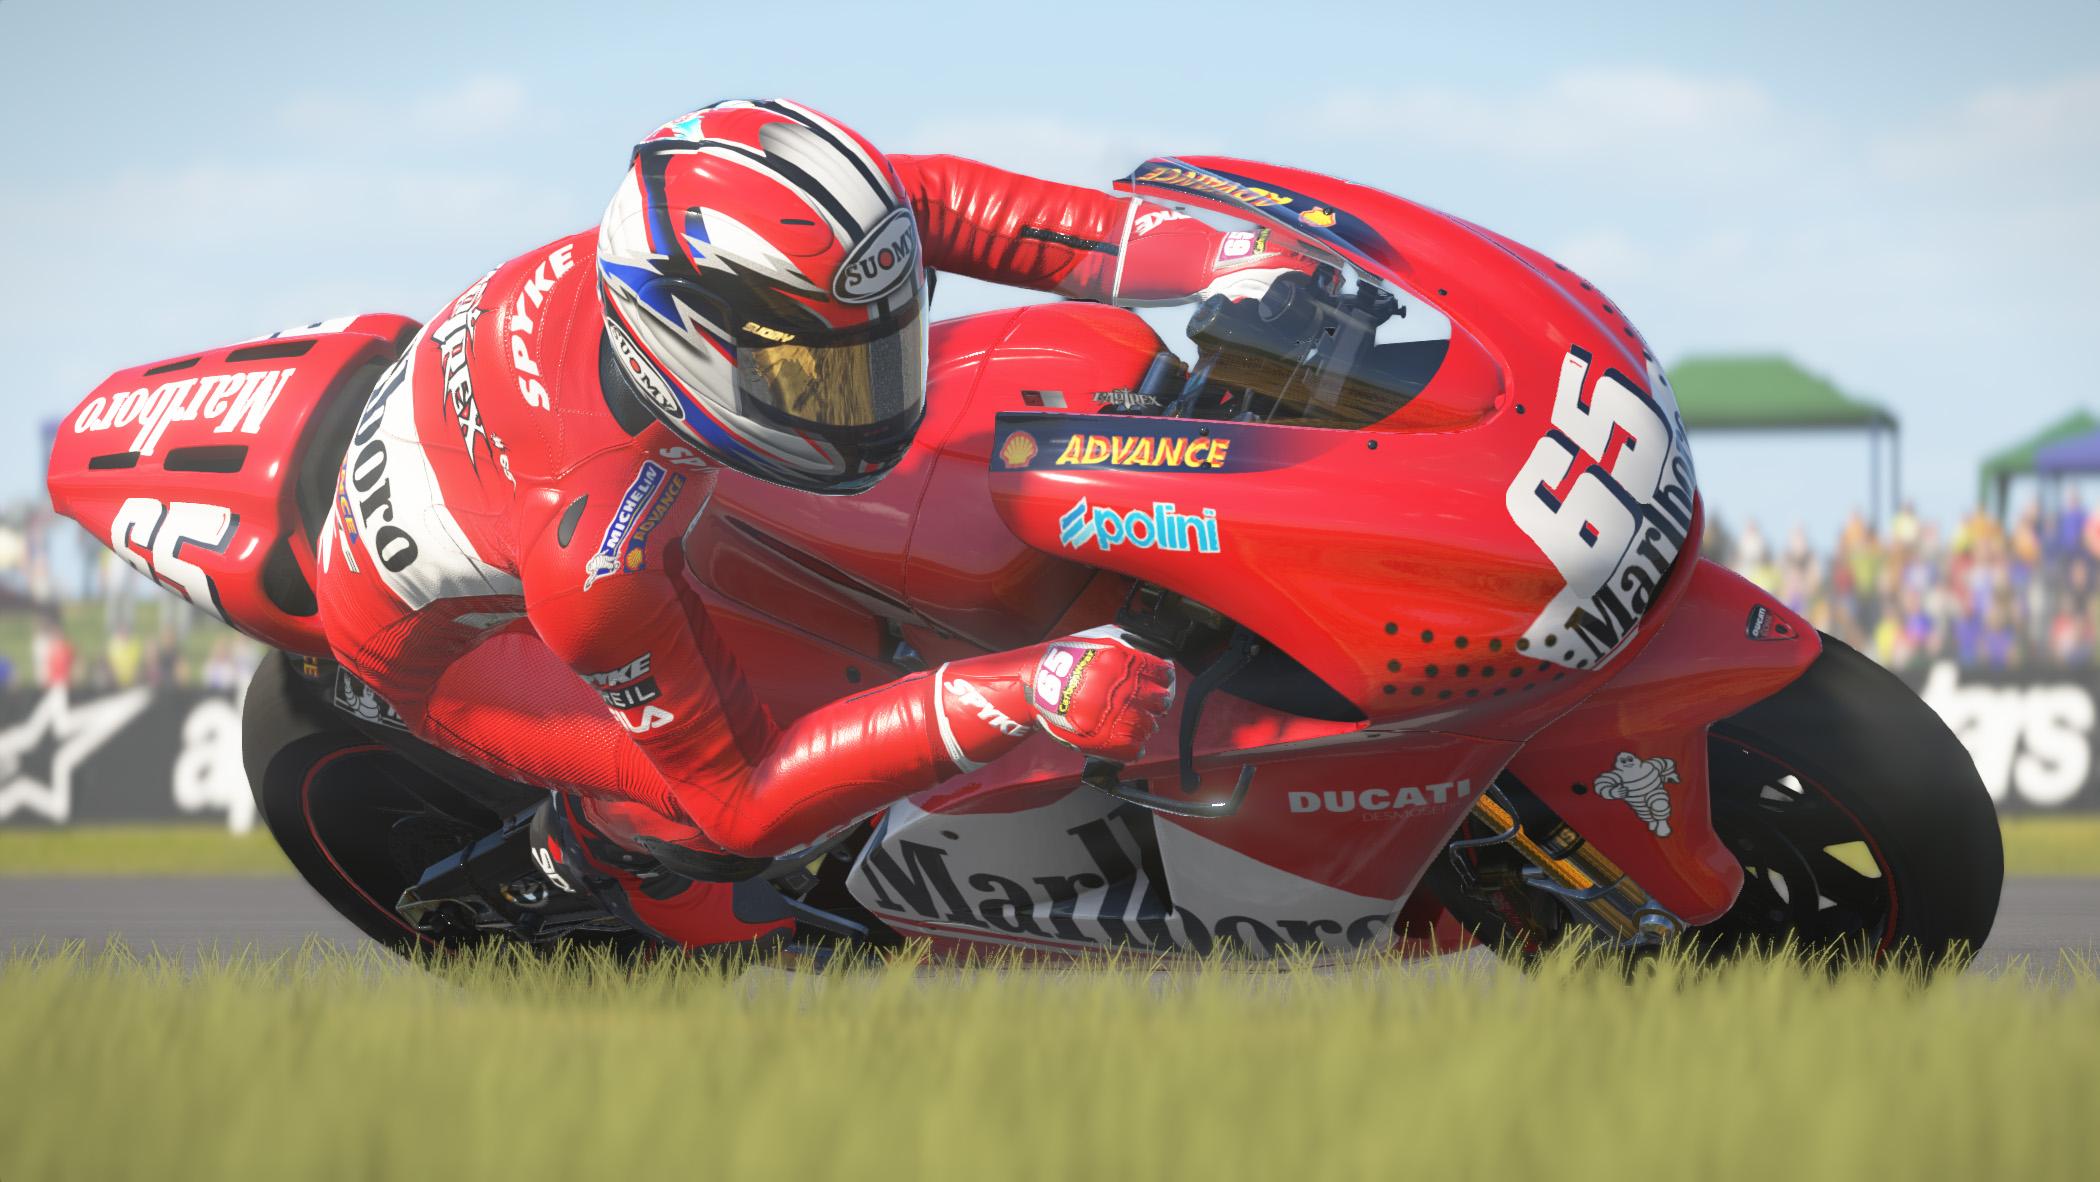 MotoGPVR46X64 2016-06-30 18-51-42-84.jpg